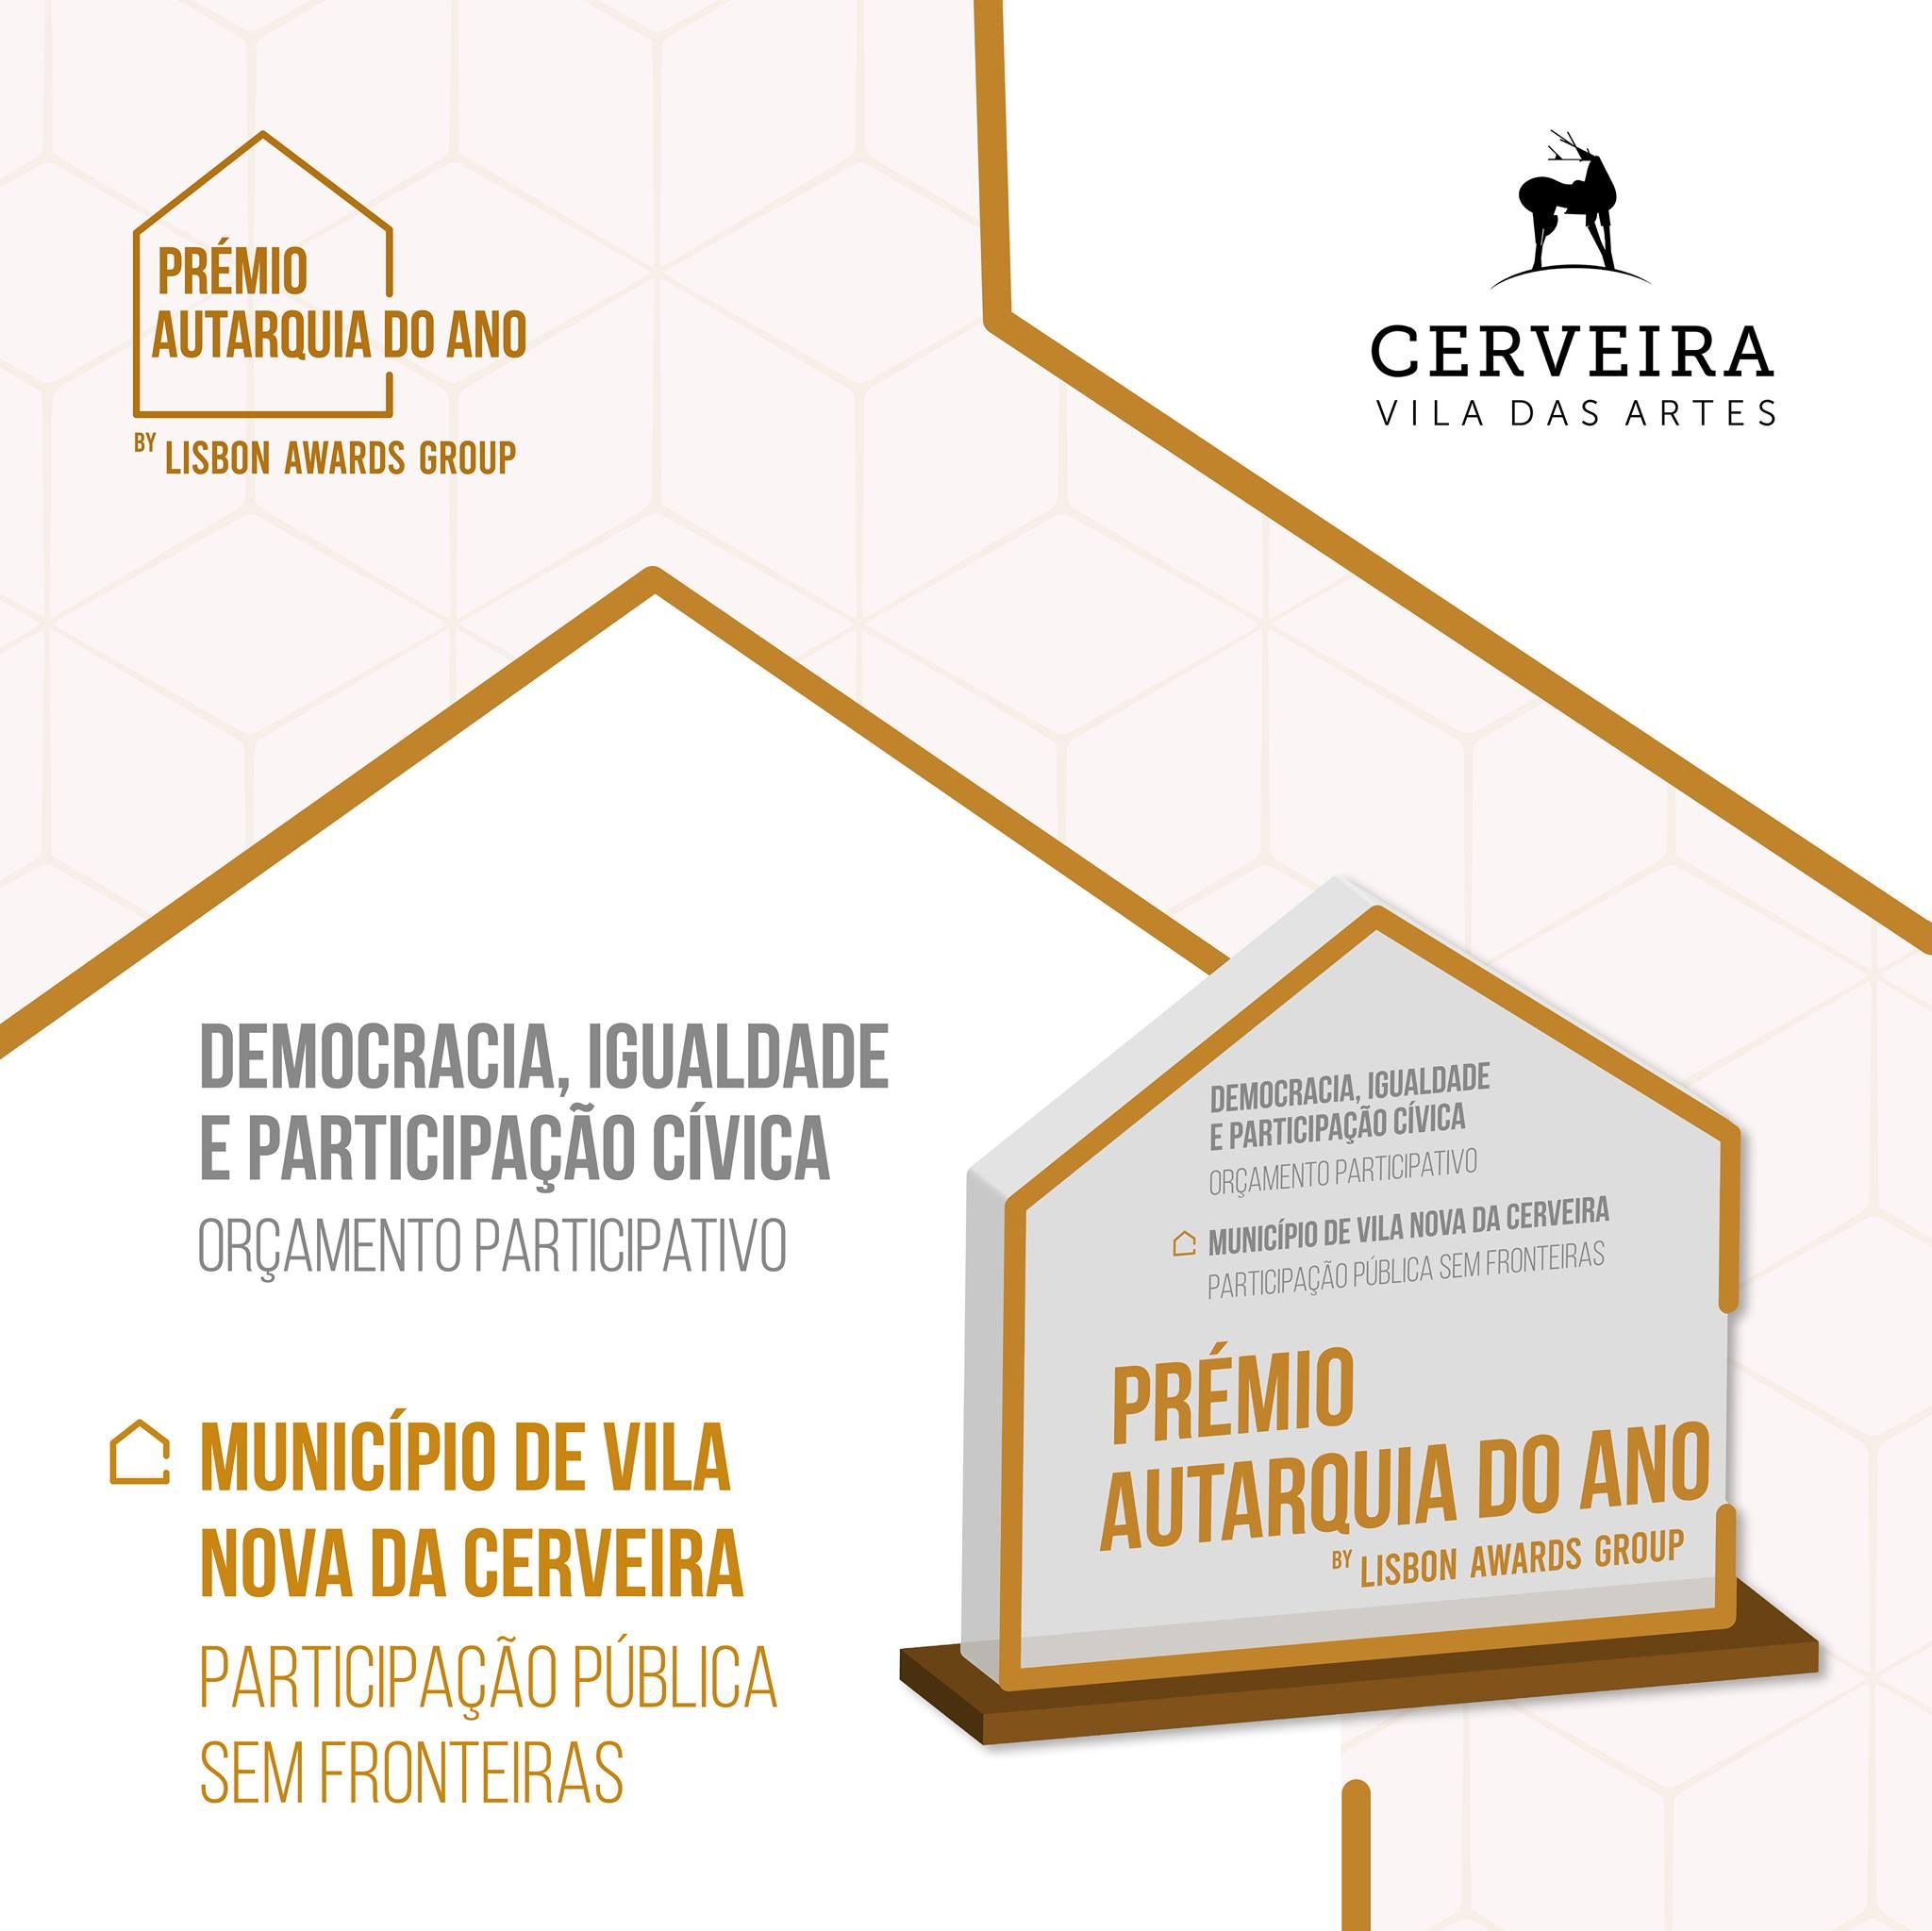 Cerveira gaña un premio na I edición Autarquía do Ano co proxecto 'Participación pública sen fronteiras'